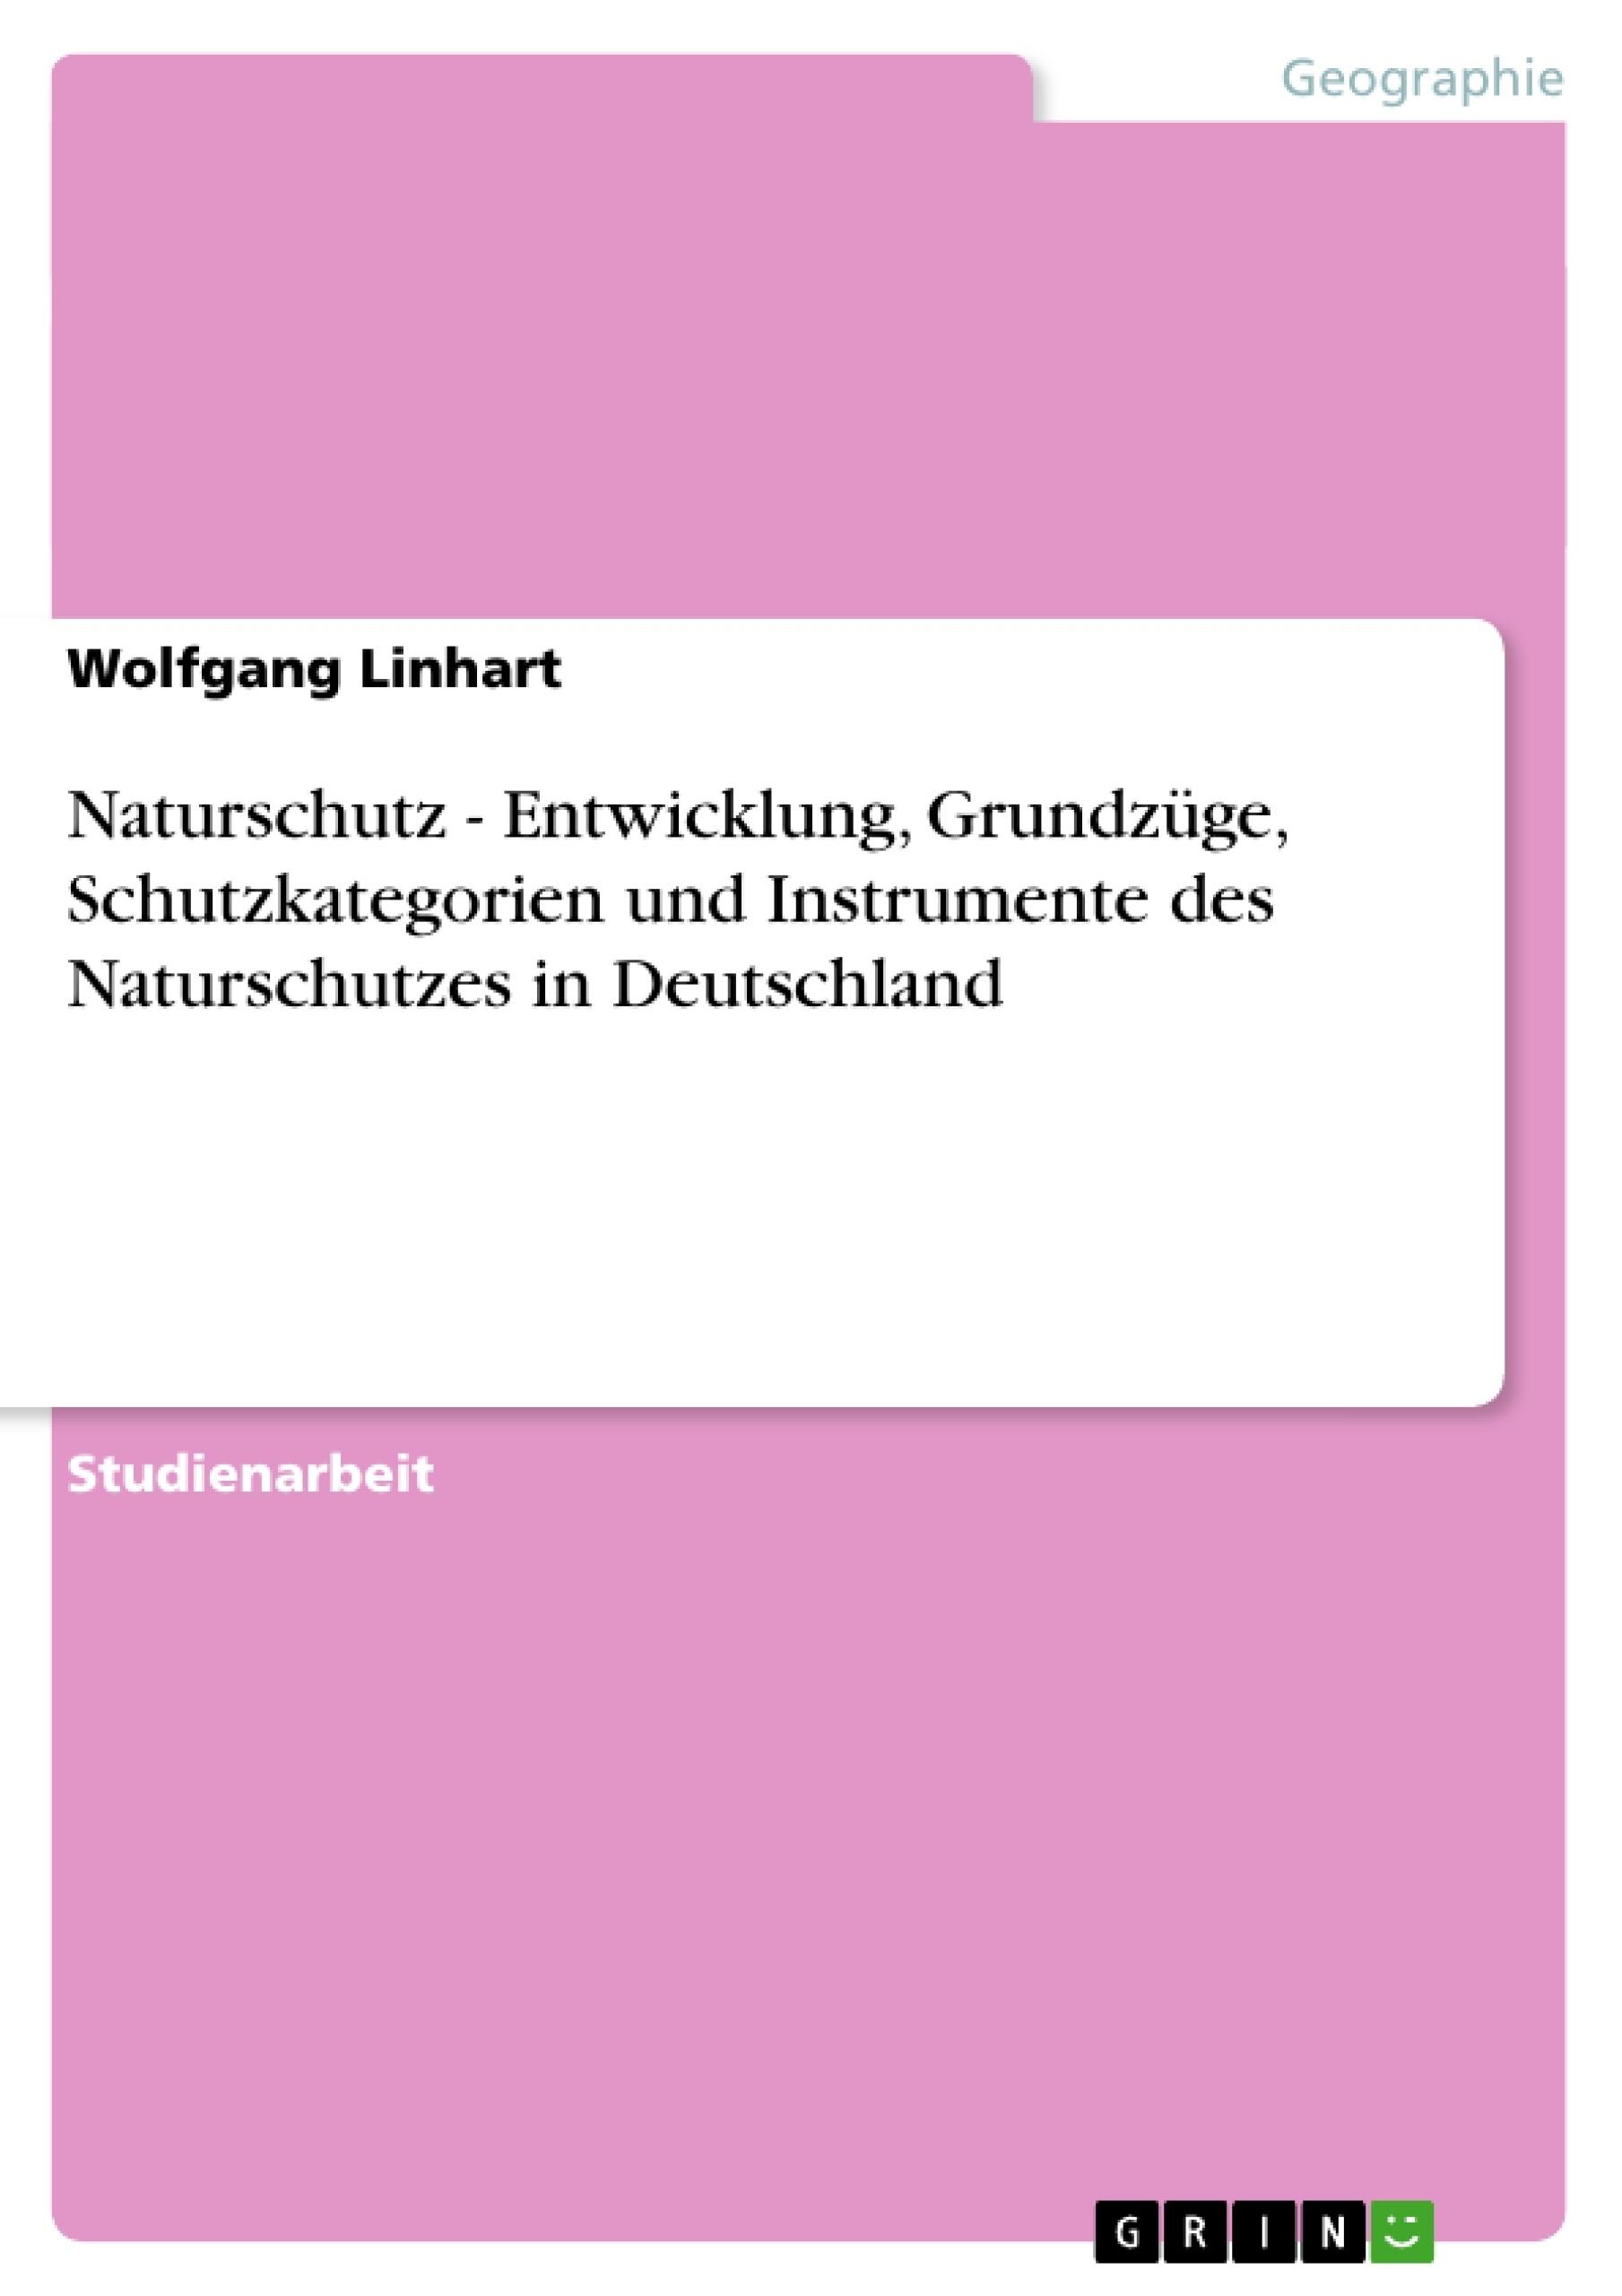 Titel: Naturschutz - Entwicklung, Grundzüge, Schutzkategorien und Instrumente des Naturschutzes in Deutschland